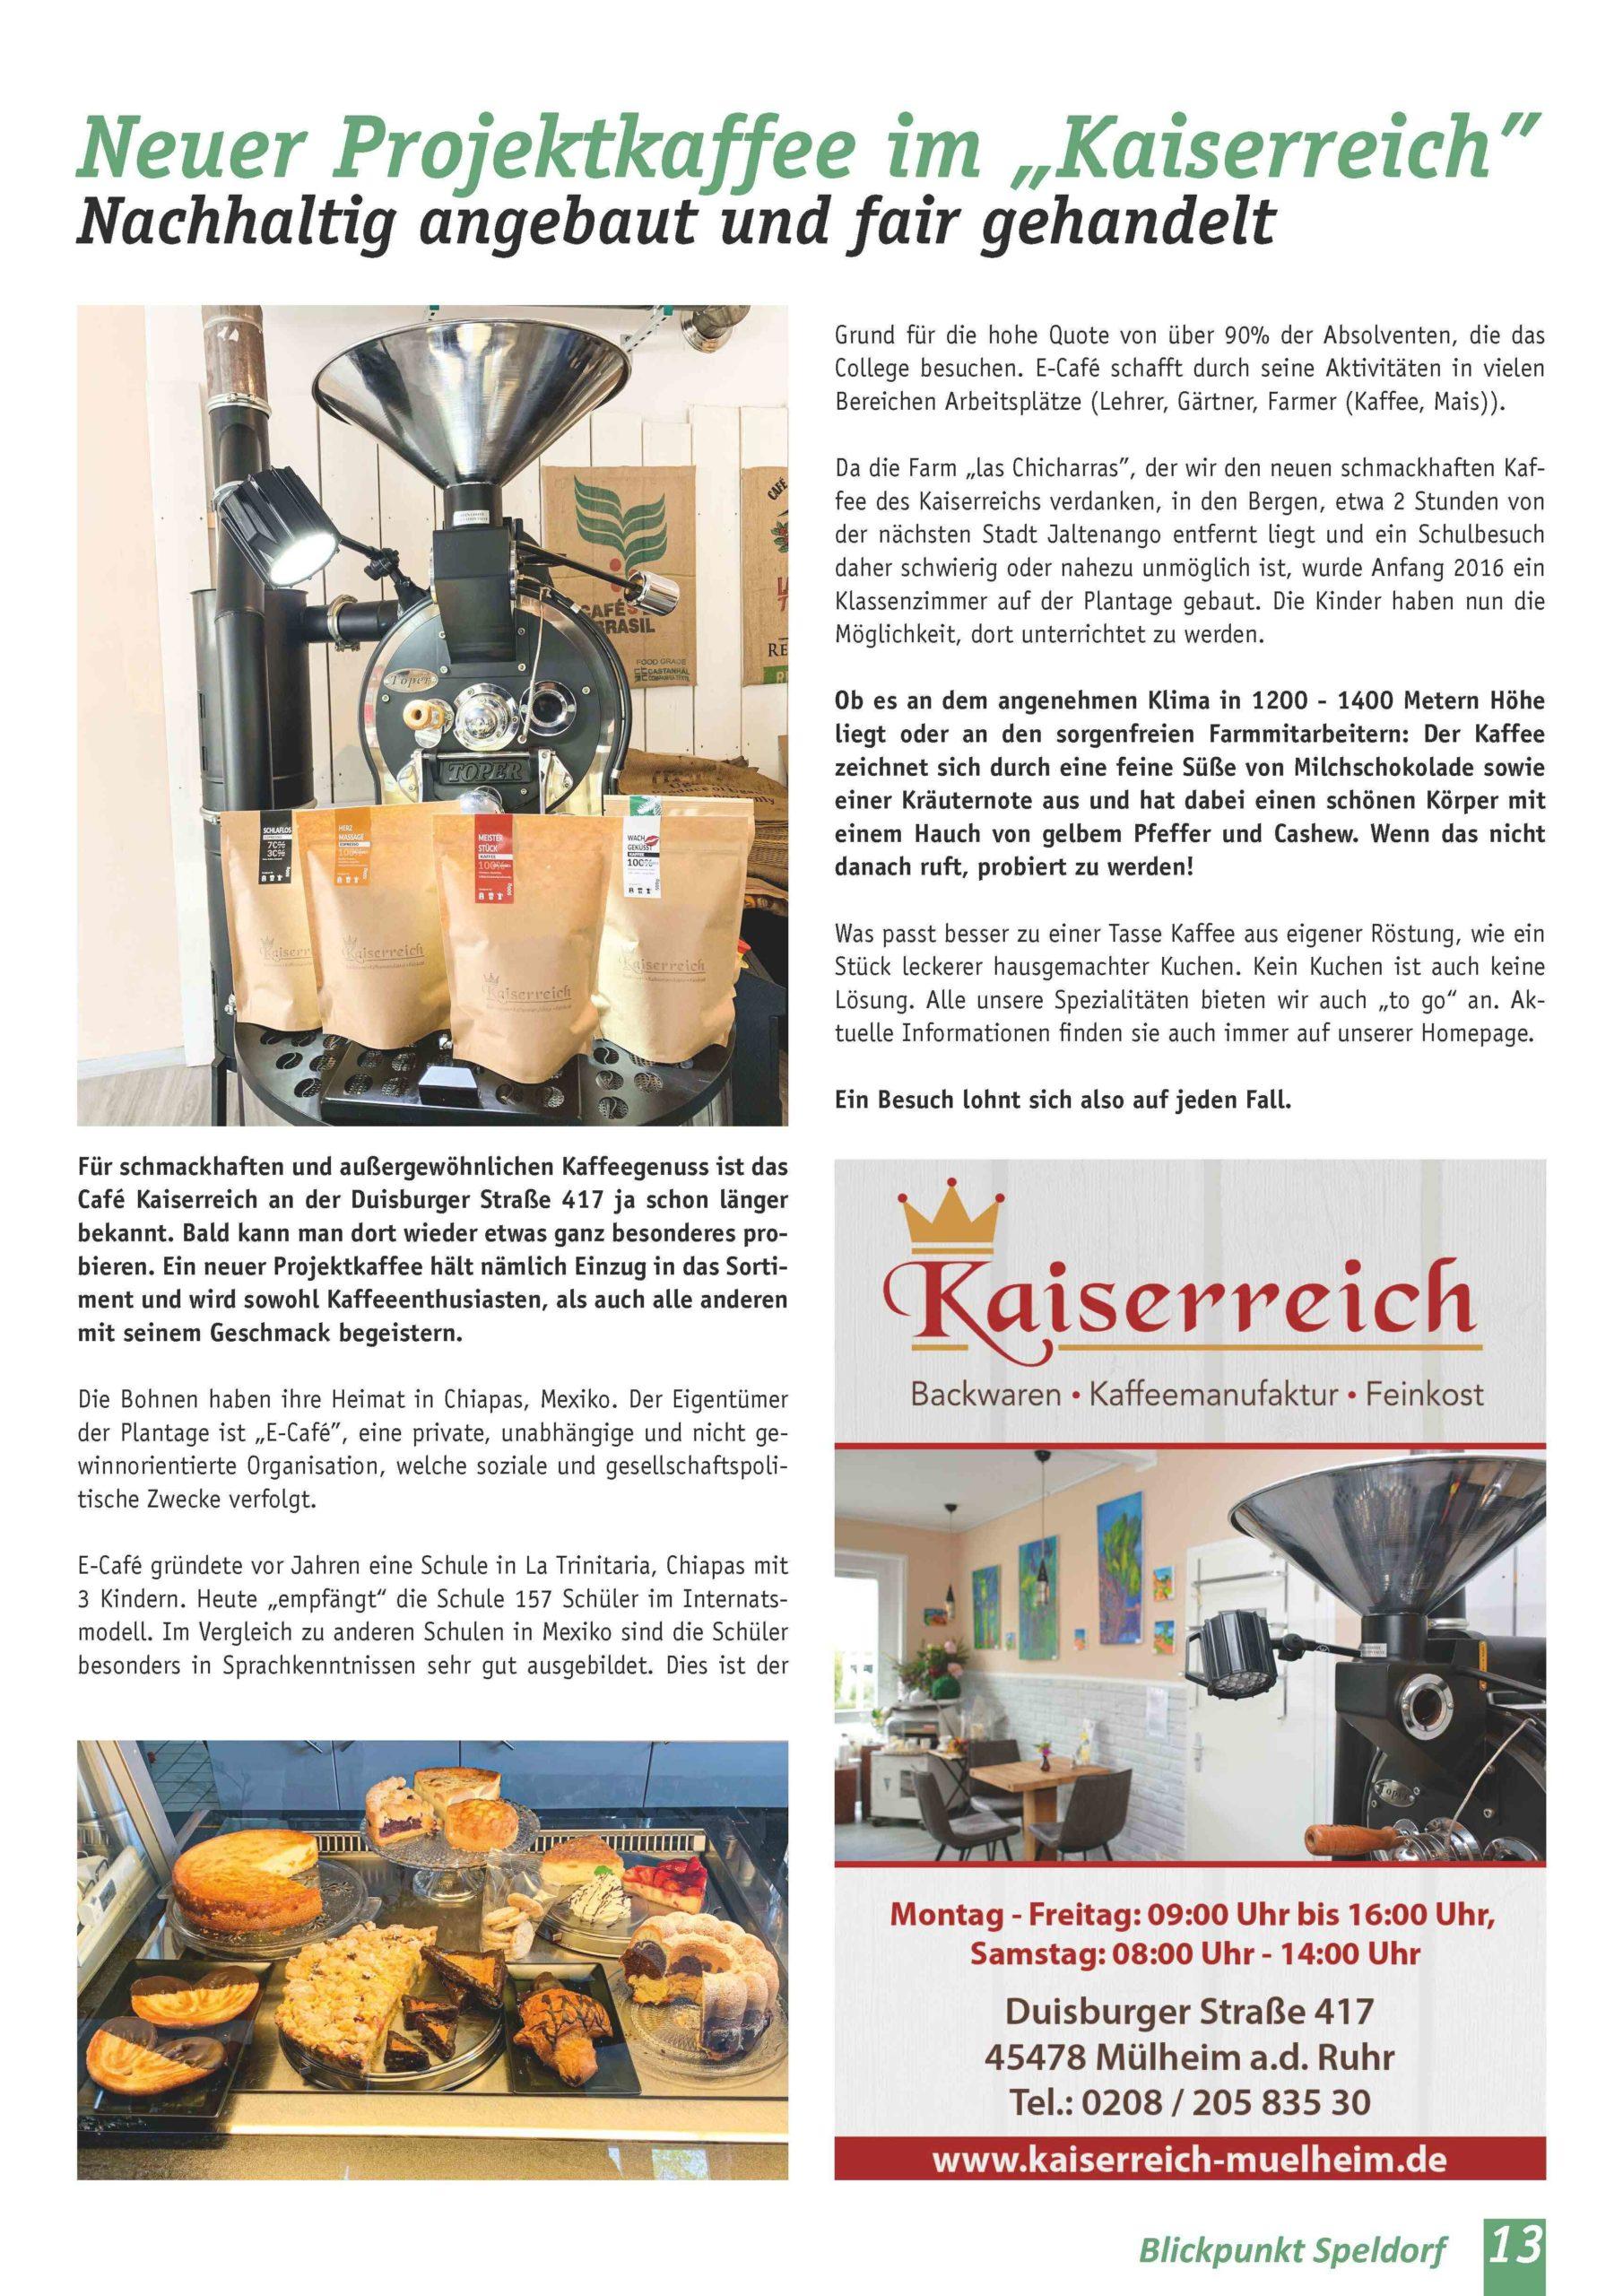 Blickpunkt Speldorf | Beitrag Projektkaffee im Kaiserreich